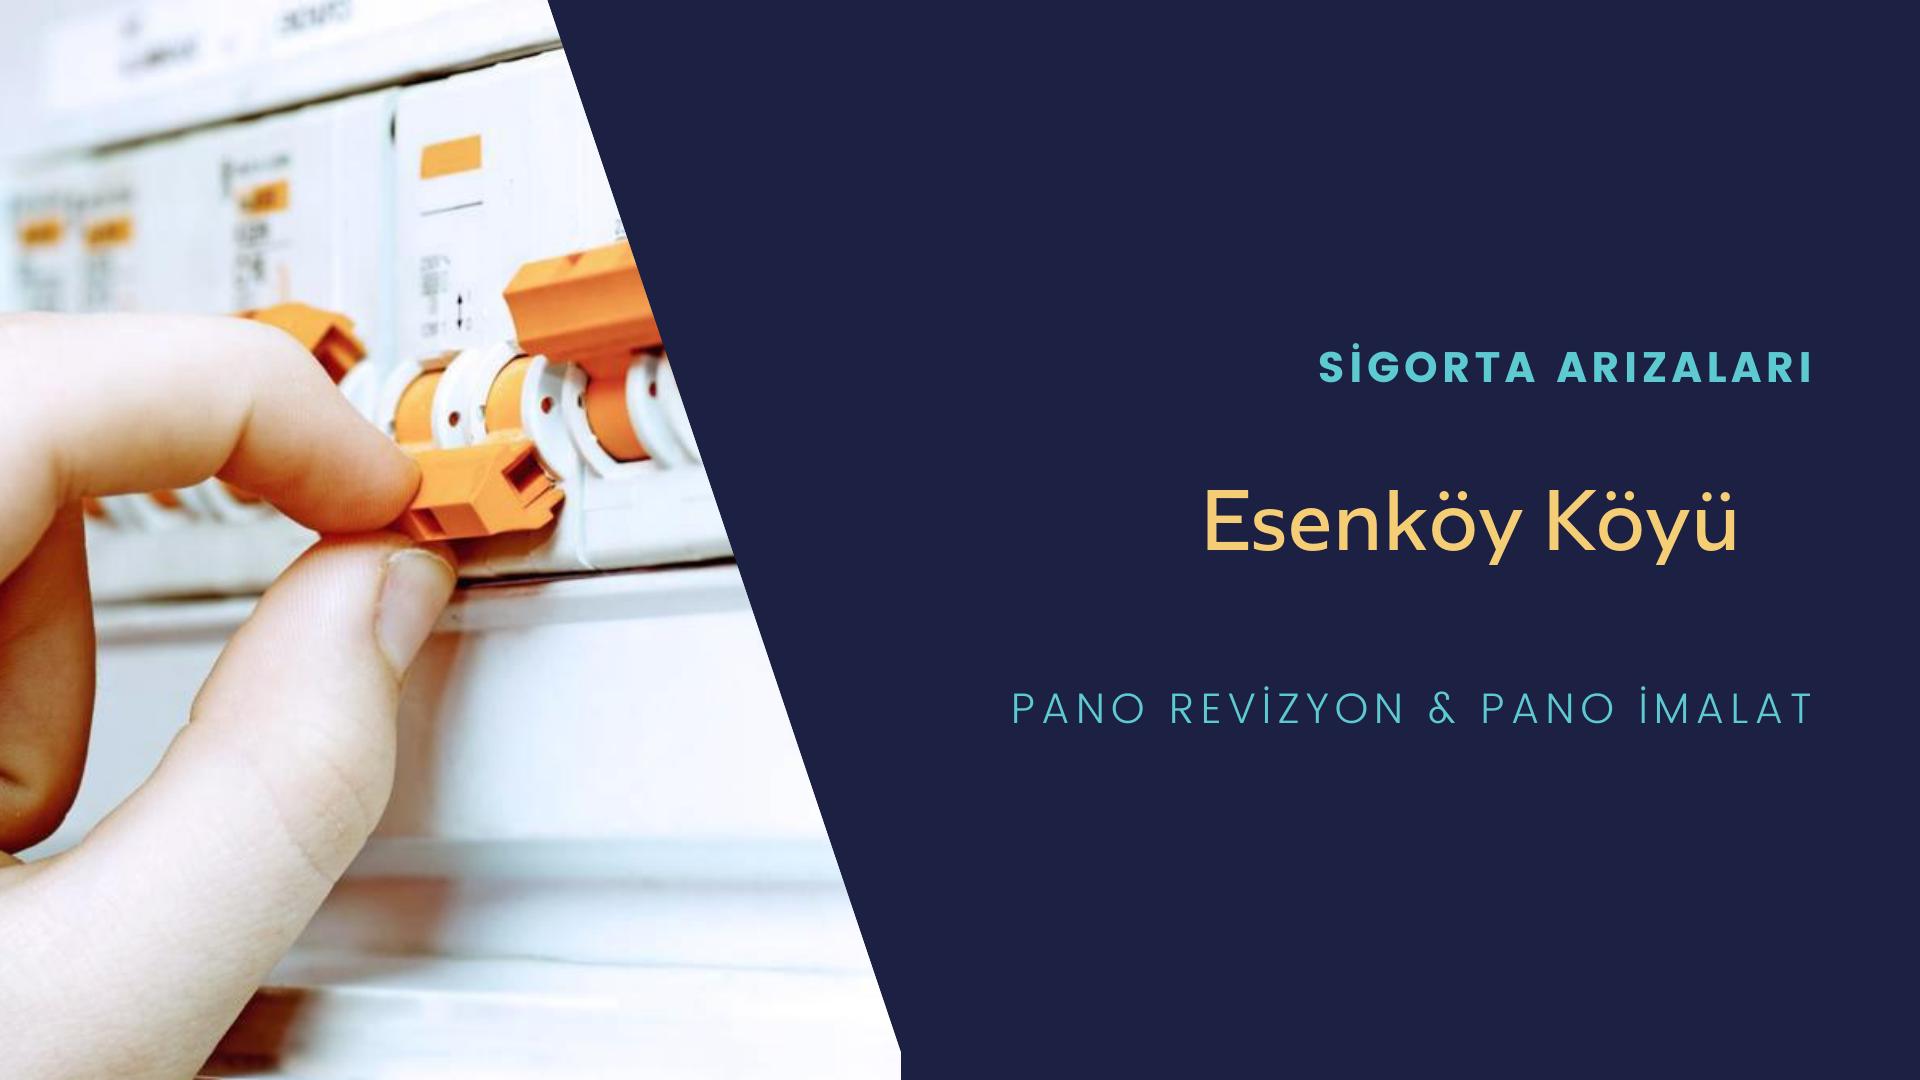 Esenköy Köyü Sigorta Arızaları İçin Profesyonel Elektrikçi ustalarımızı dilediğiniz zaman arayabilir talepte bulunabilirsiniz.